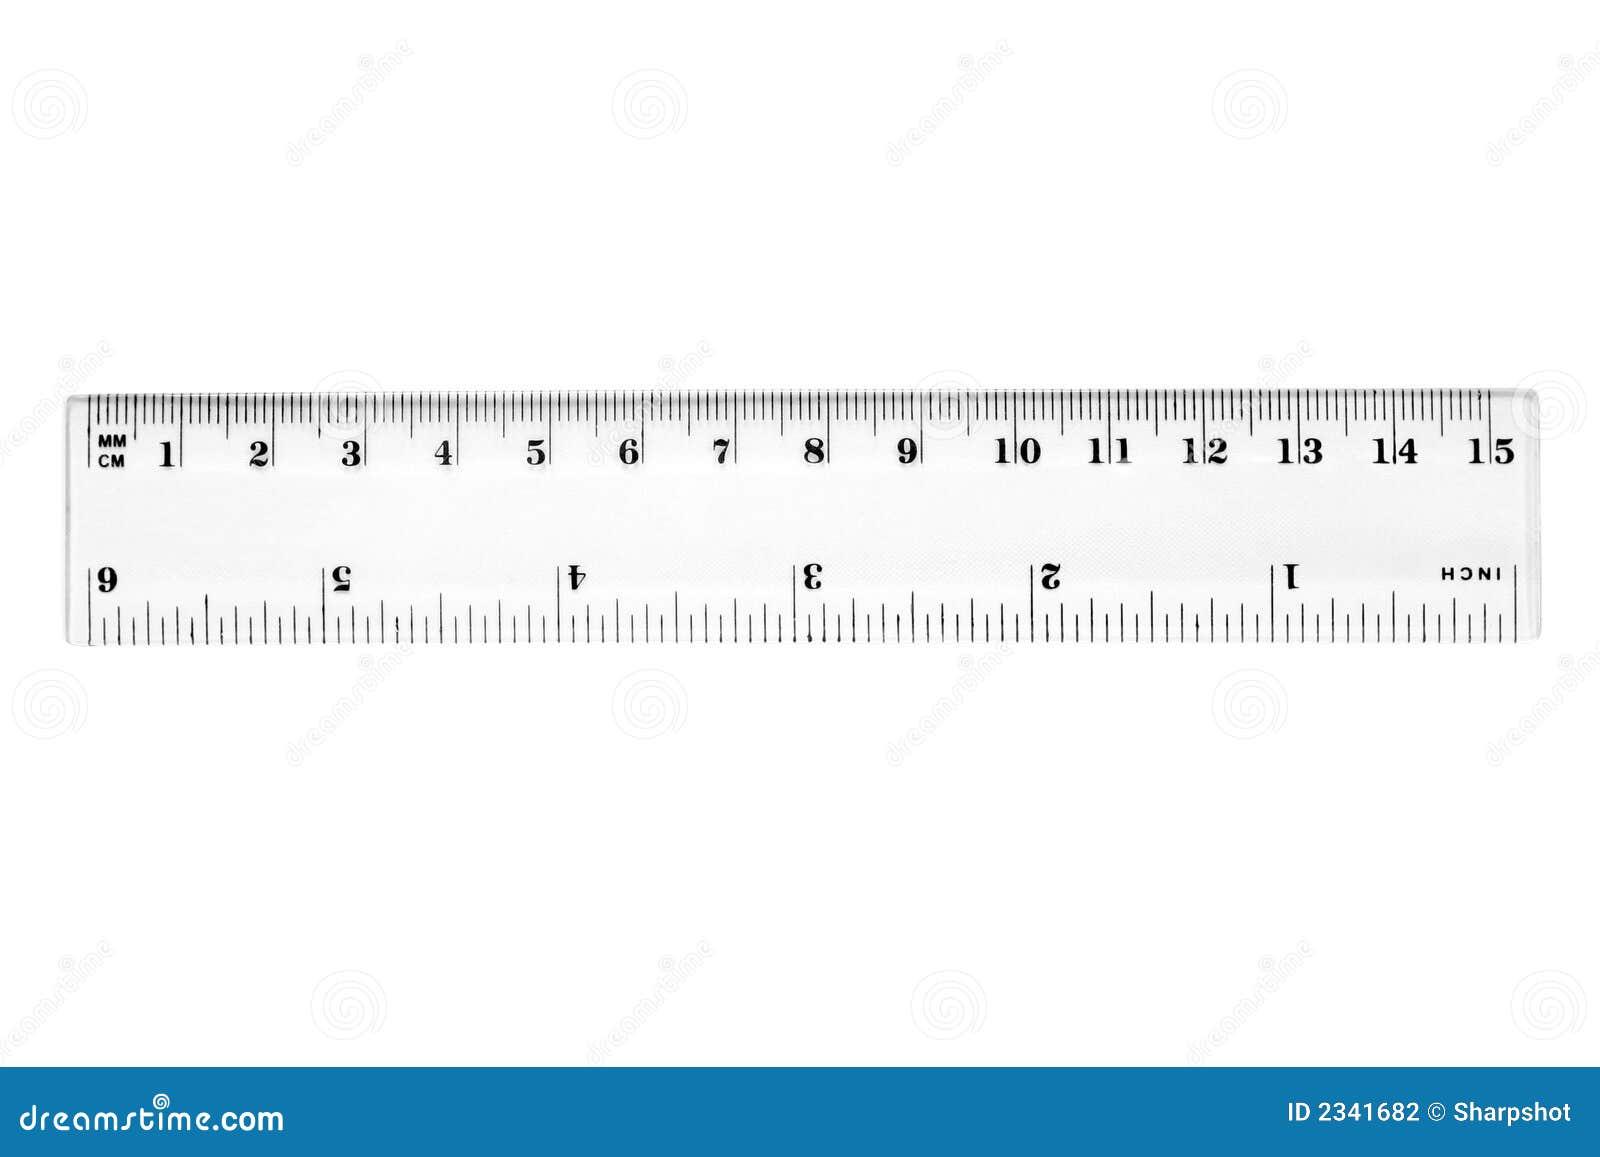 cm ruler